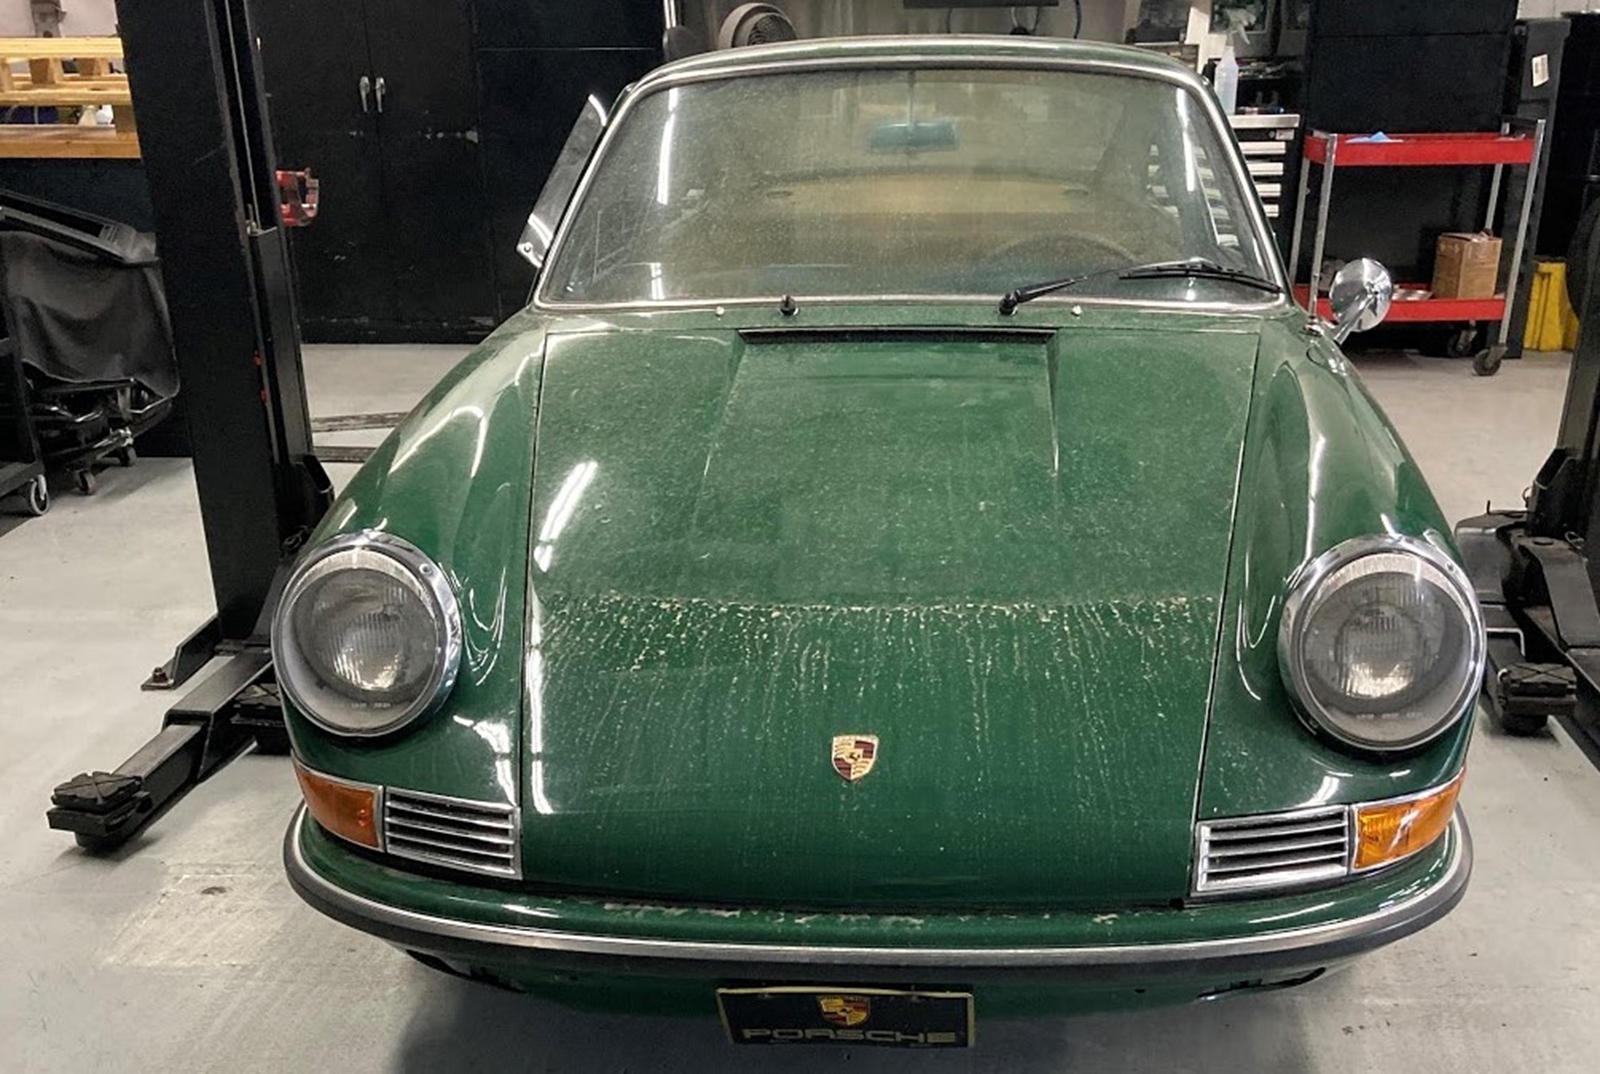 В рамках программы Porsche Classic Restoration Challenge подразделение работает с дилерами в США, чтобы вернуть 40 классическим Porsche в их былую славу.